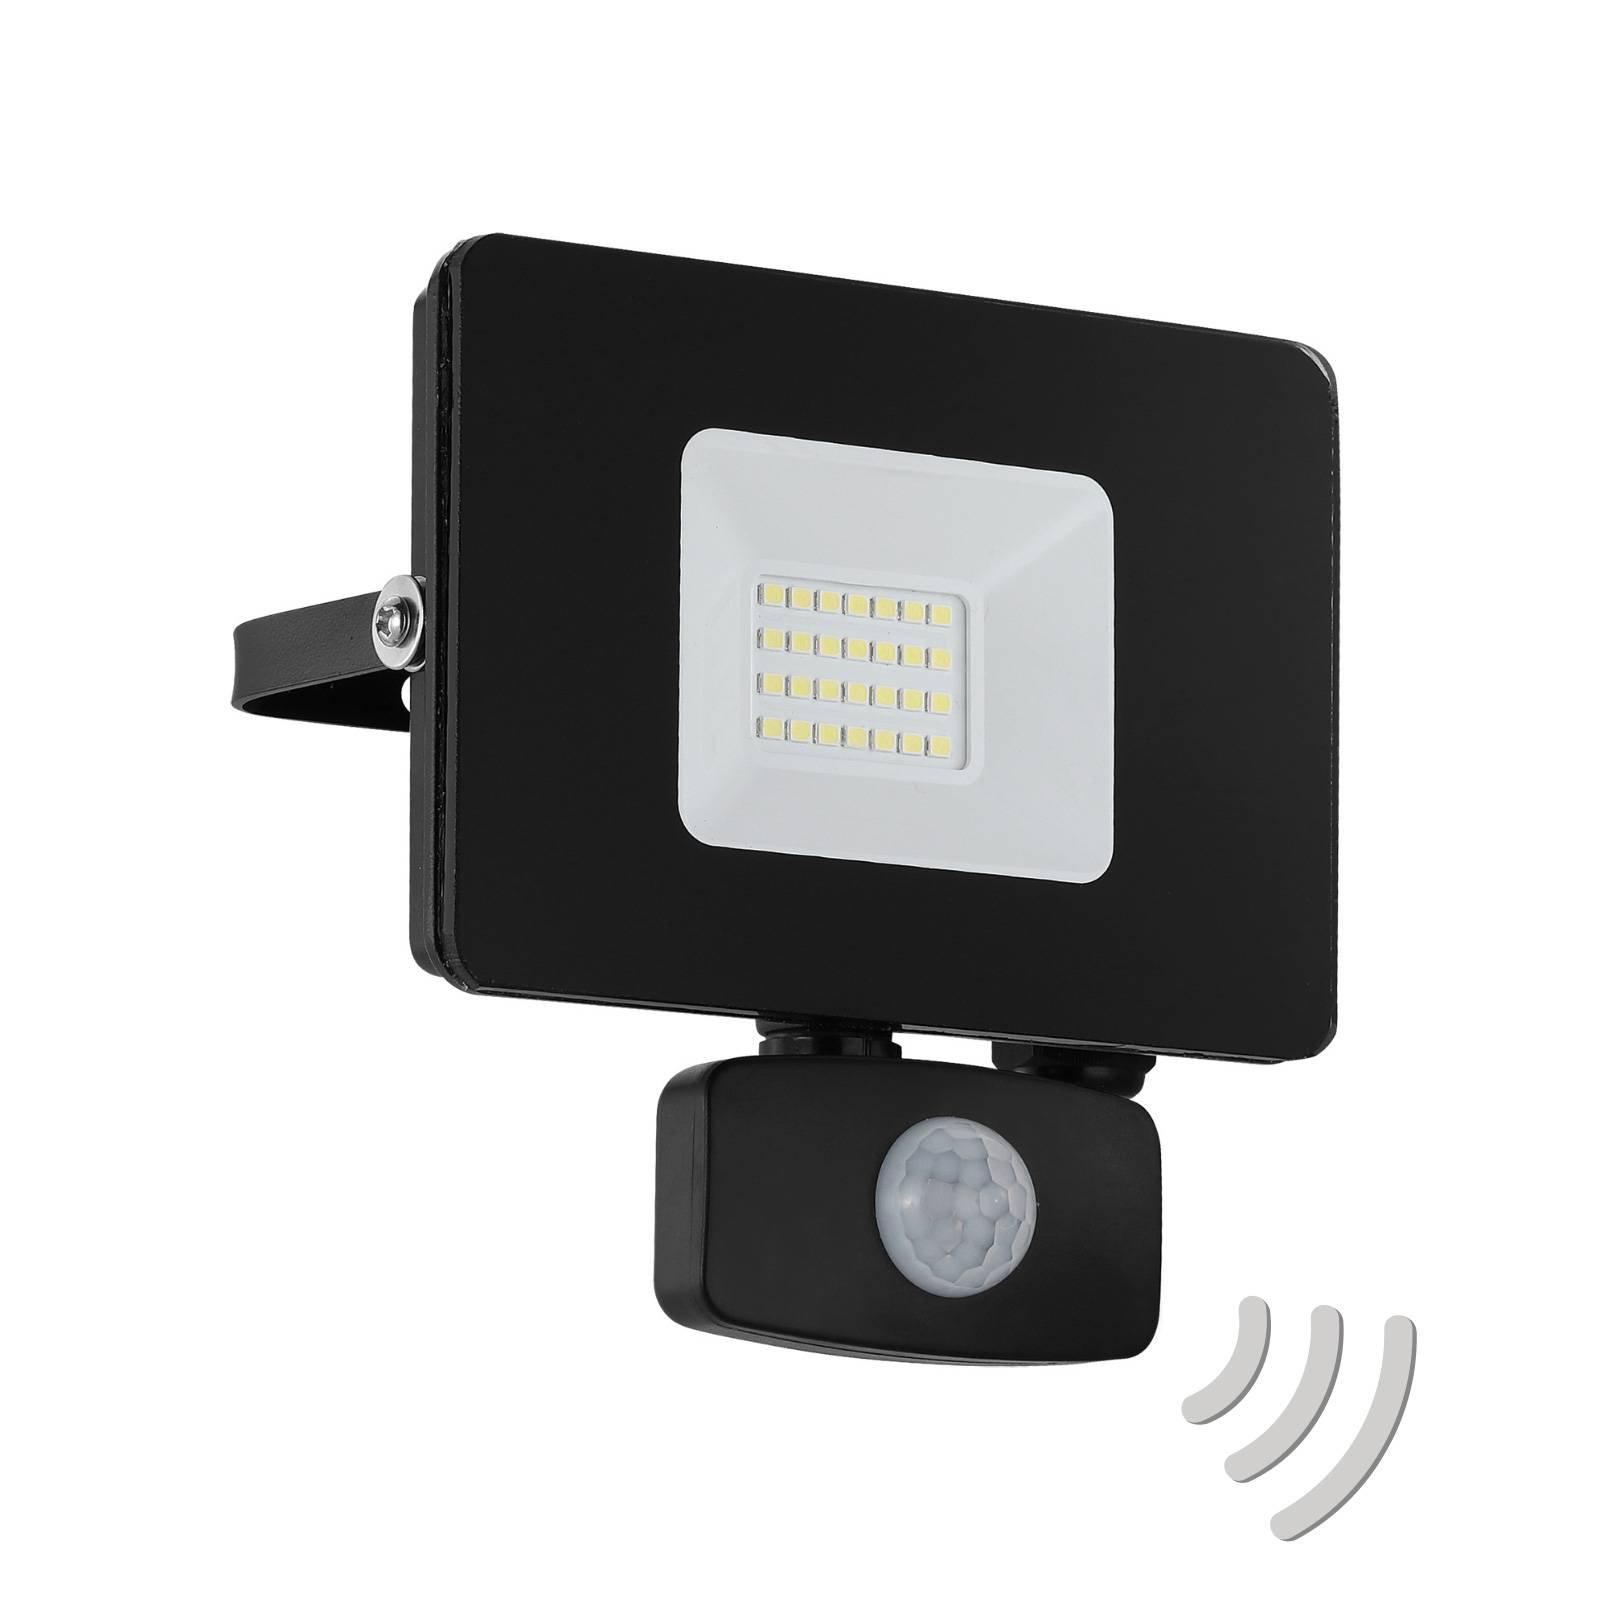 Utendørs LED-spot Faedo 3 med sensor, svart, 20 W